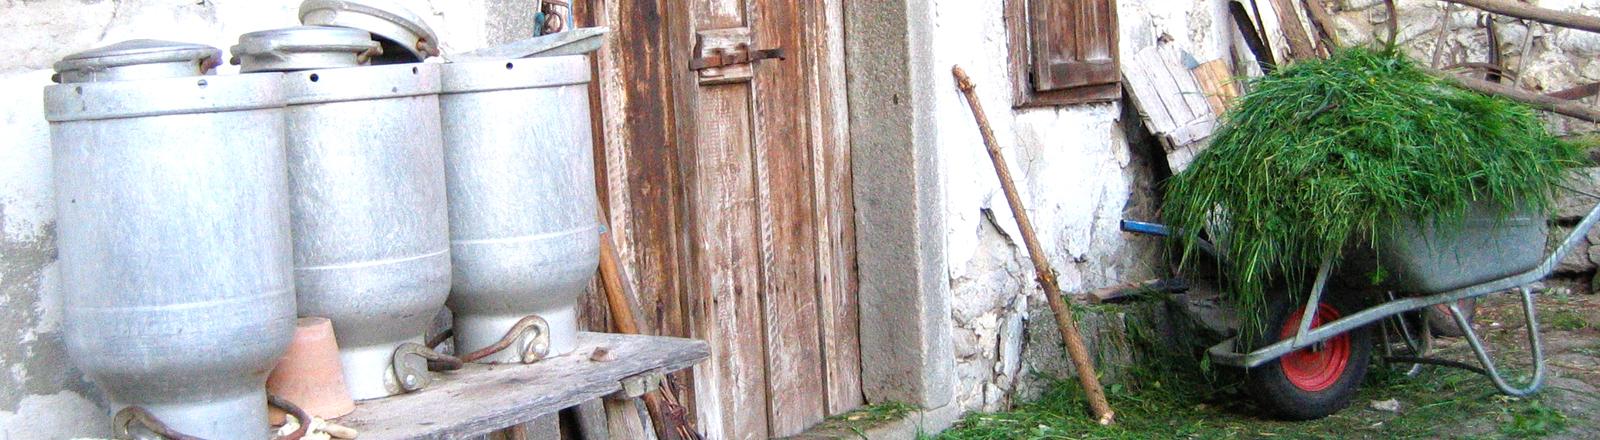 Schubkarre auf Bauernhof vor einem Schuppen.